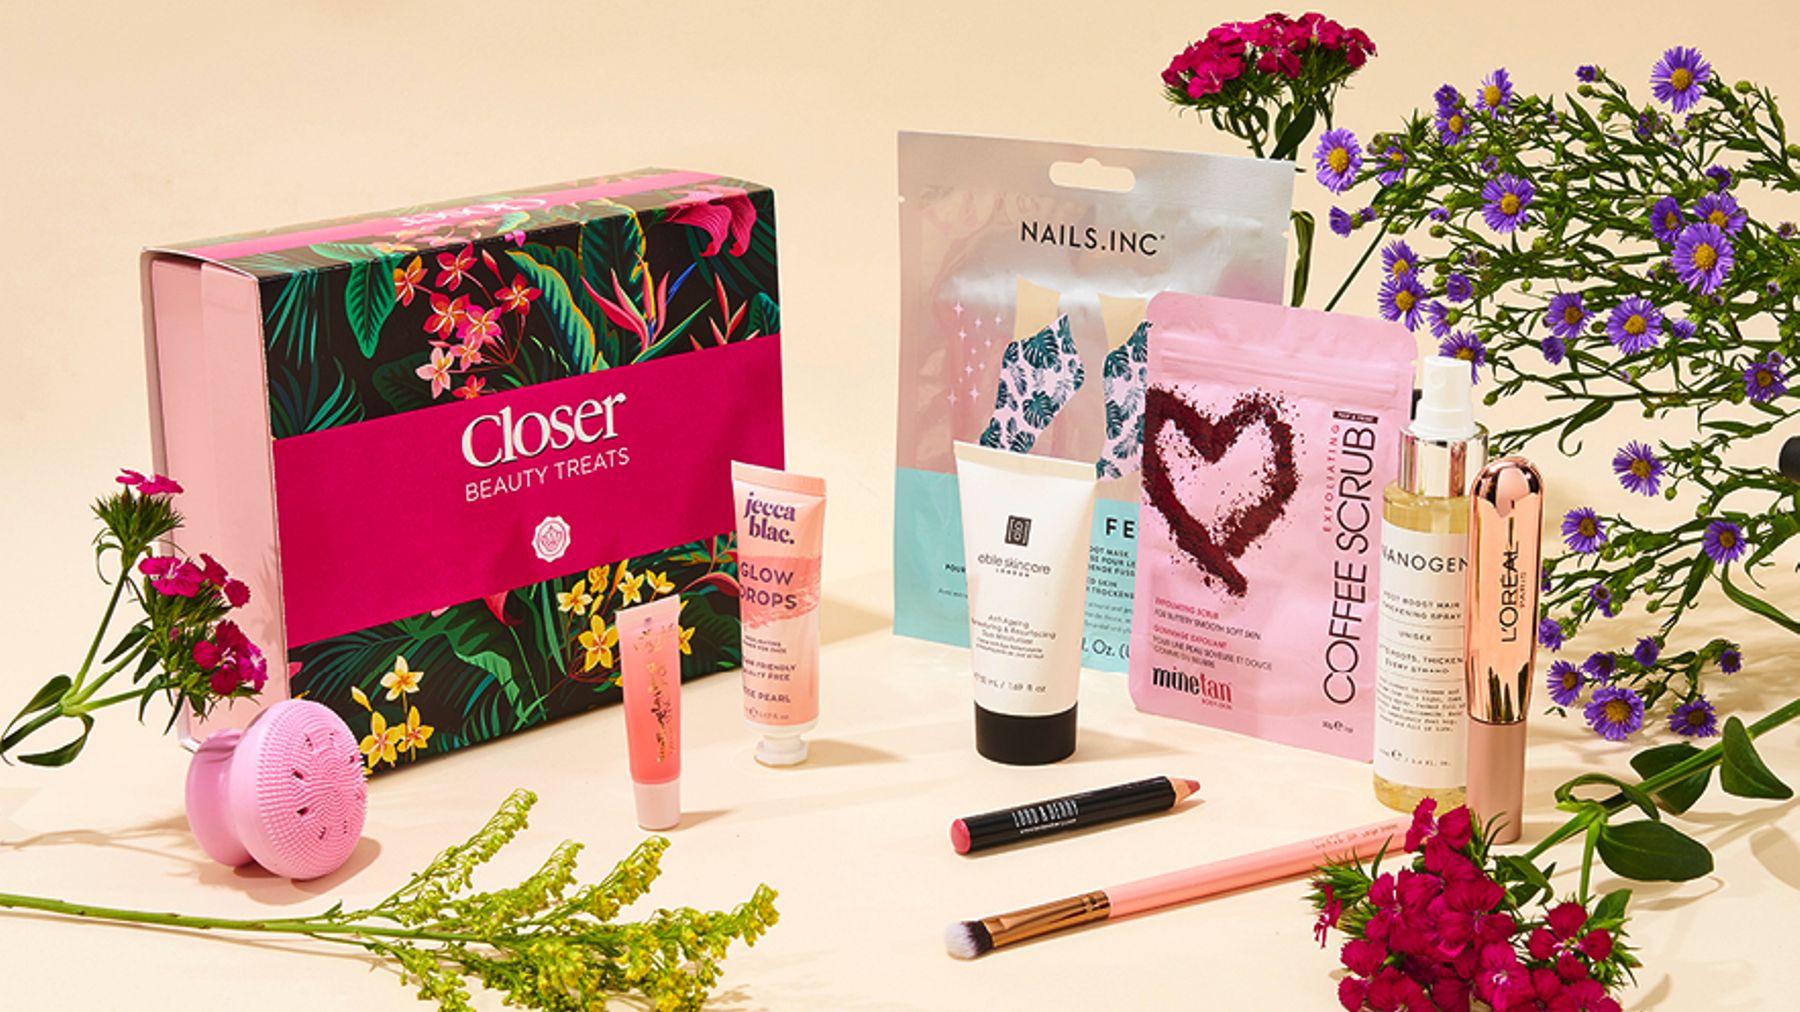 Closer x Glossybox Beauty Box 2021